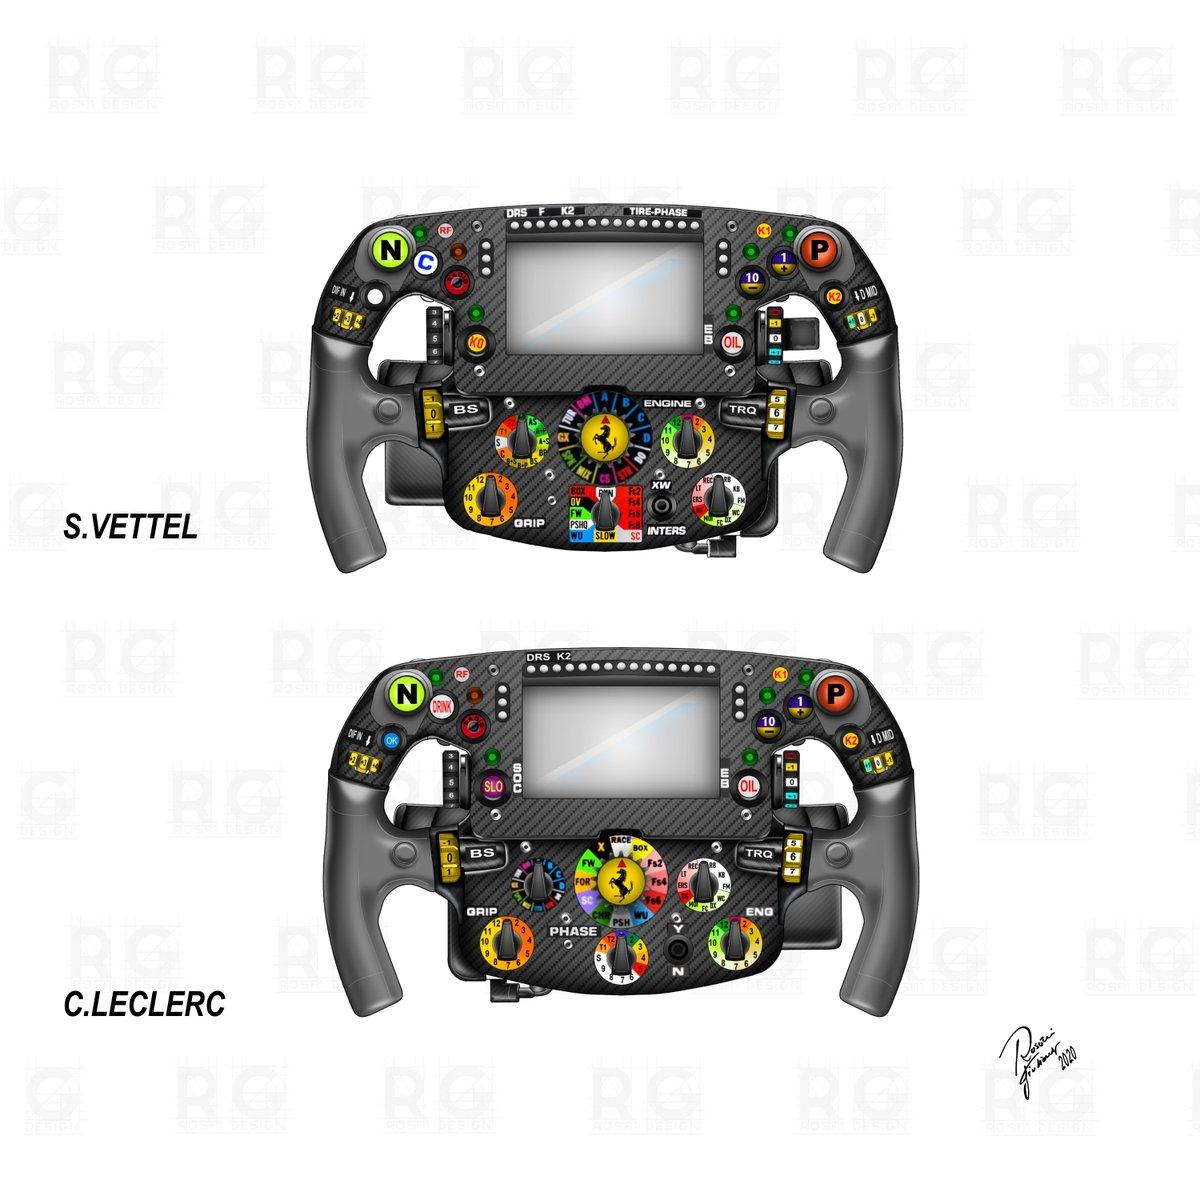 Confronto fra il volante di Vettel e Leclerc. Oltre a una diversa personalizzazione dei manettini, le preferenze ricadono anche sull'uso delle mani che azionano la frizione: Vettel utilizza la mano sinistra, mentre Leclerc usa la mano destra.  #F1 #Tech #ScuderiaFerrari